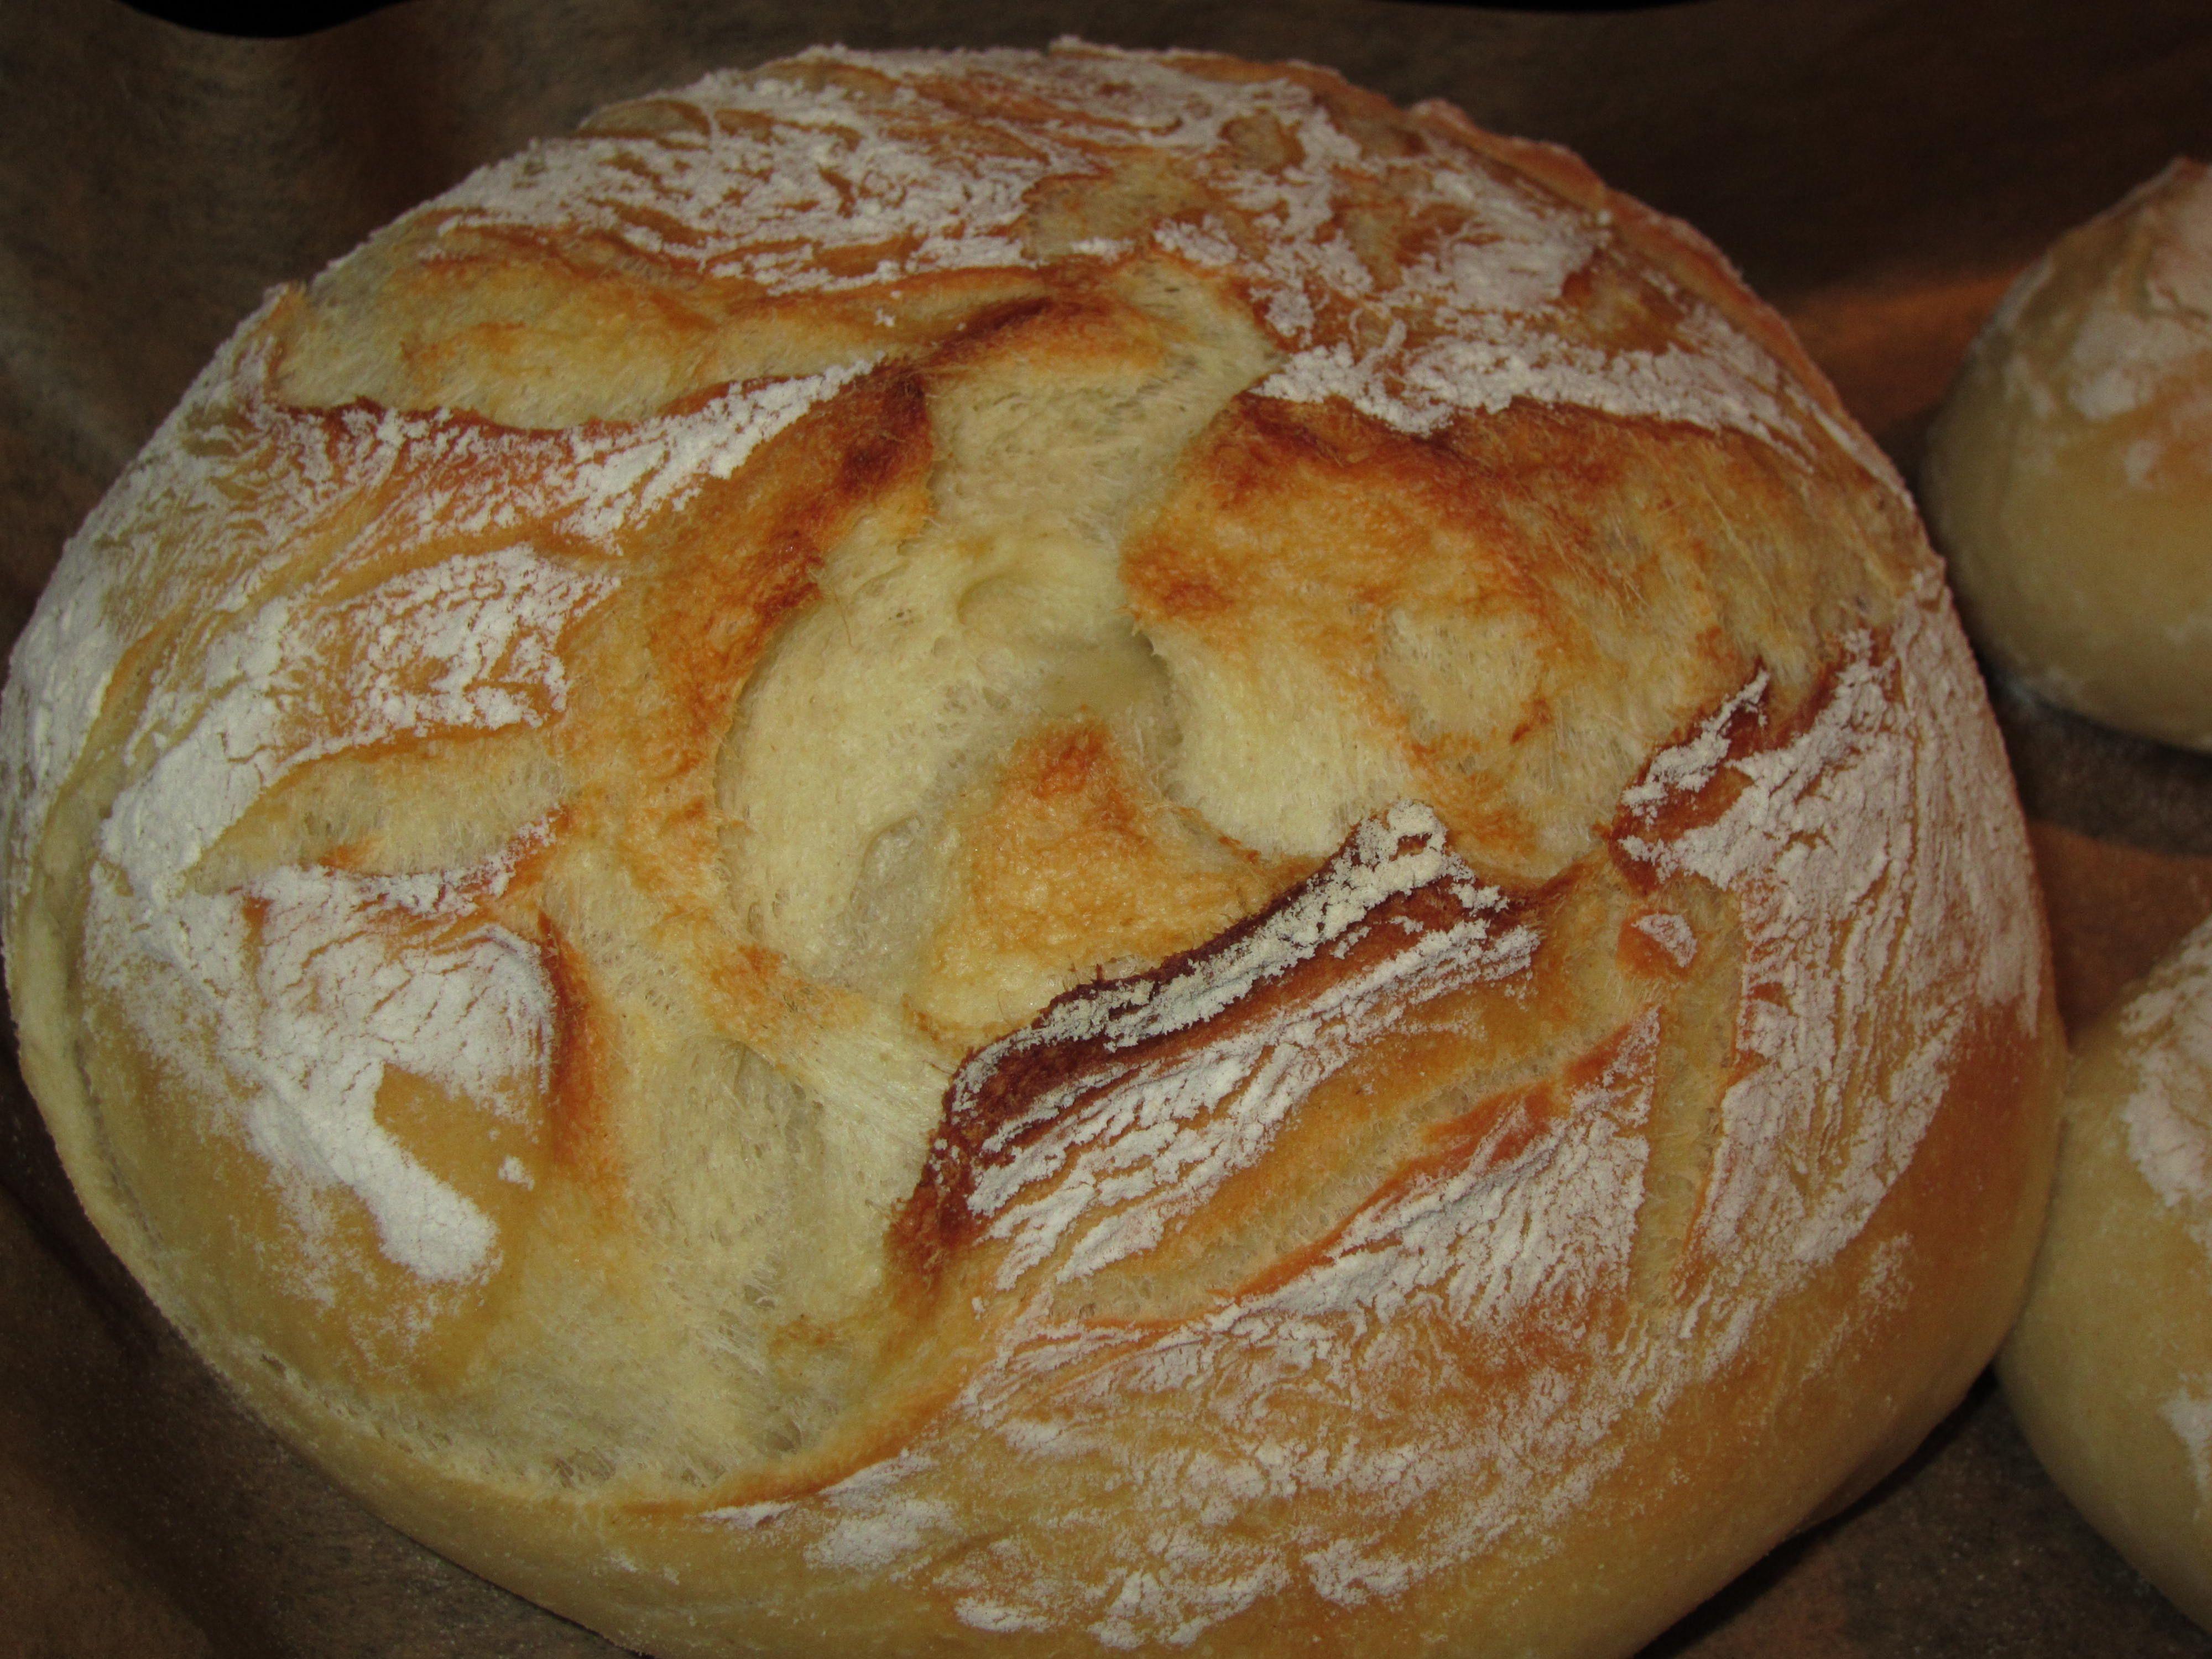 schnelle leckere kartoffelbr tchen brot bread rolls pinterest kartoffelbrot br tchen. Black Bedroom Furniture Sets. Home Design Ideas